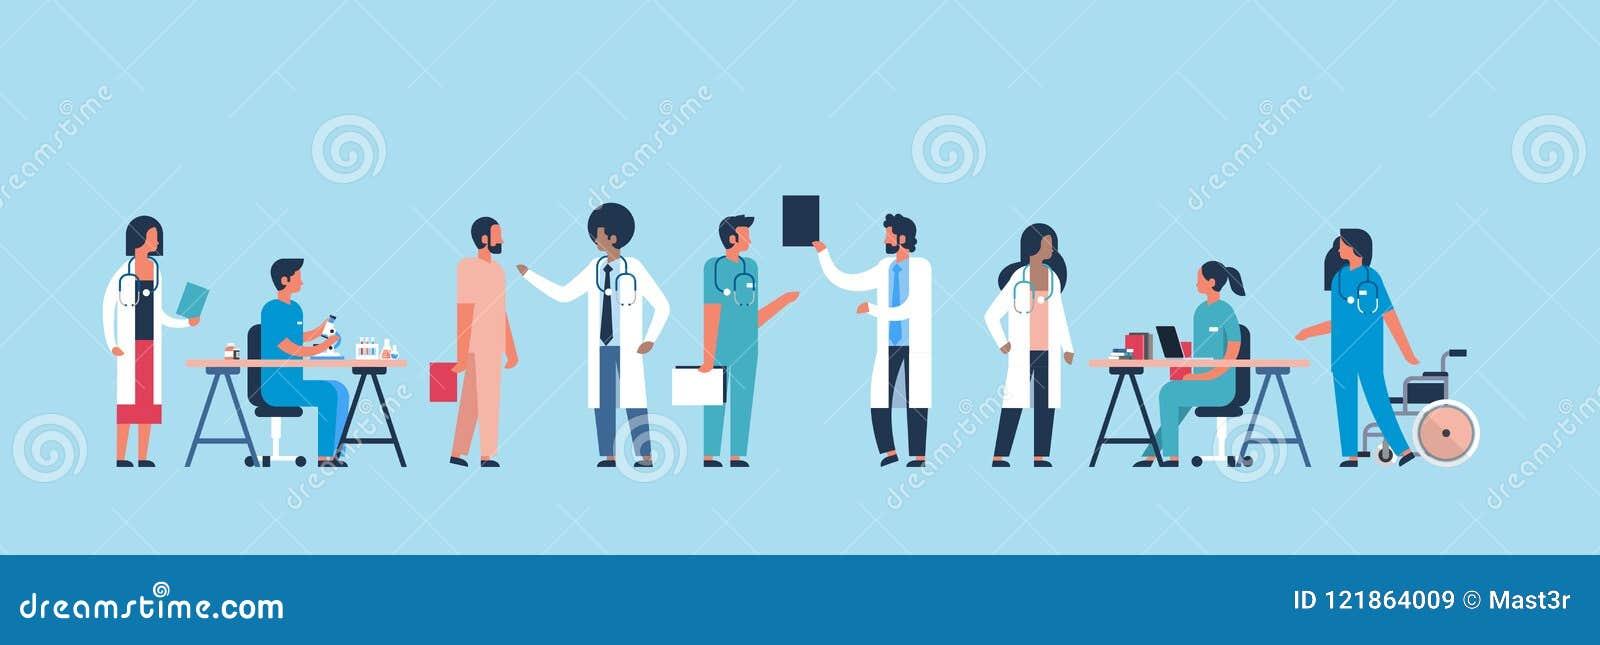 Groupez la communication d hôpital de médecins faisant à des expériences scientifiques les travailleurs médicaux divers fond bleu